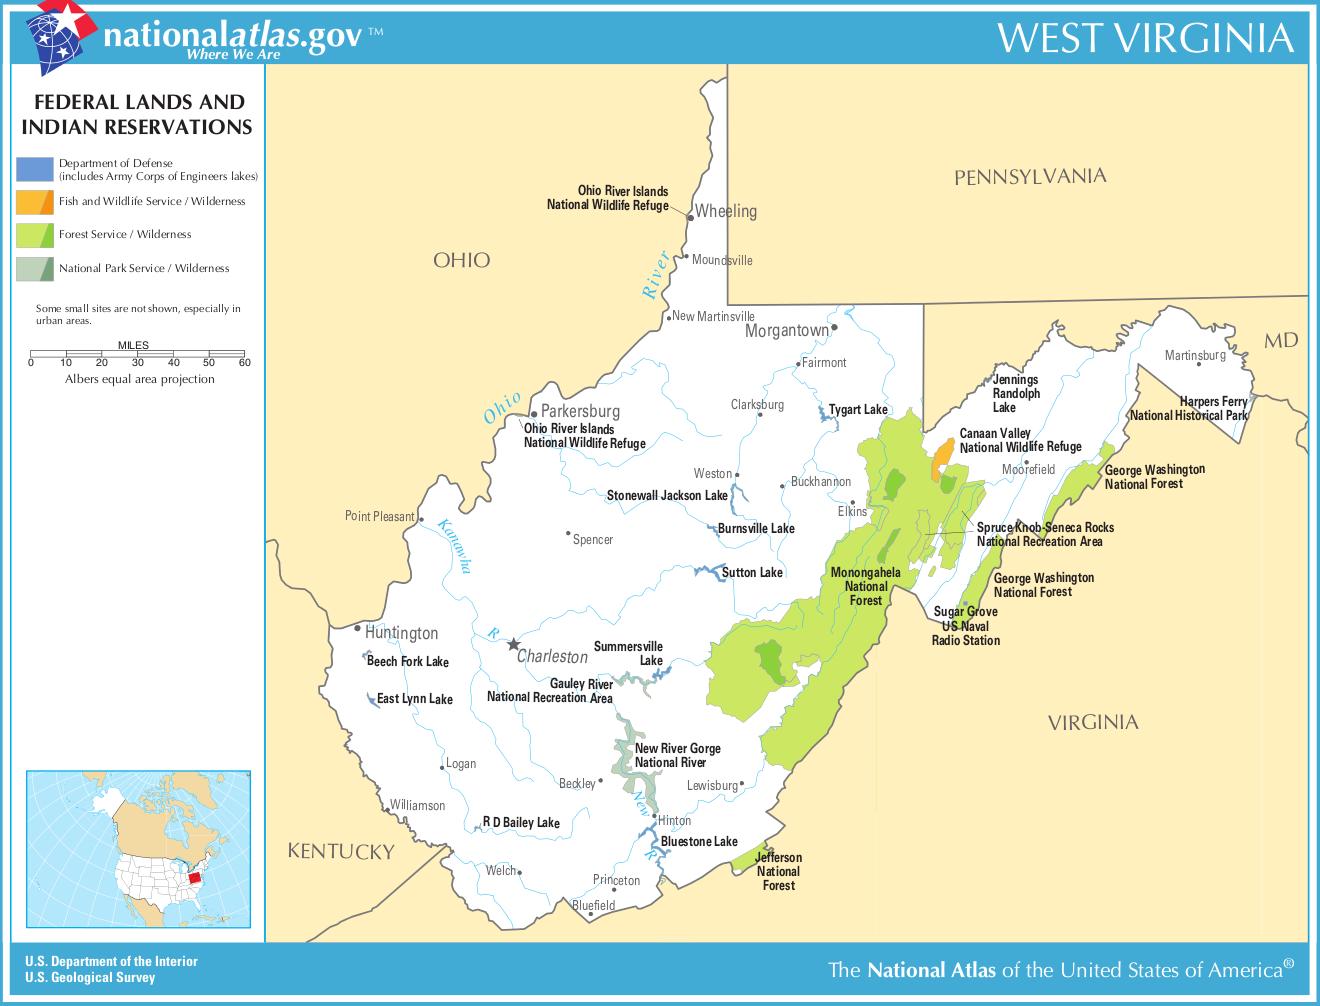 West-Virginia-federal-lands-indian-reservations-map | Weltatlas